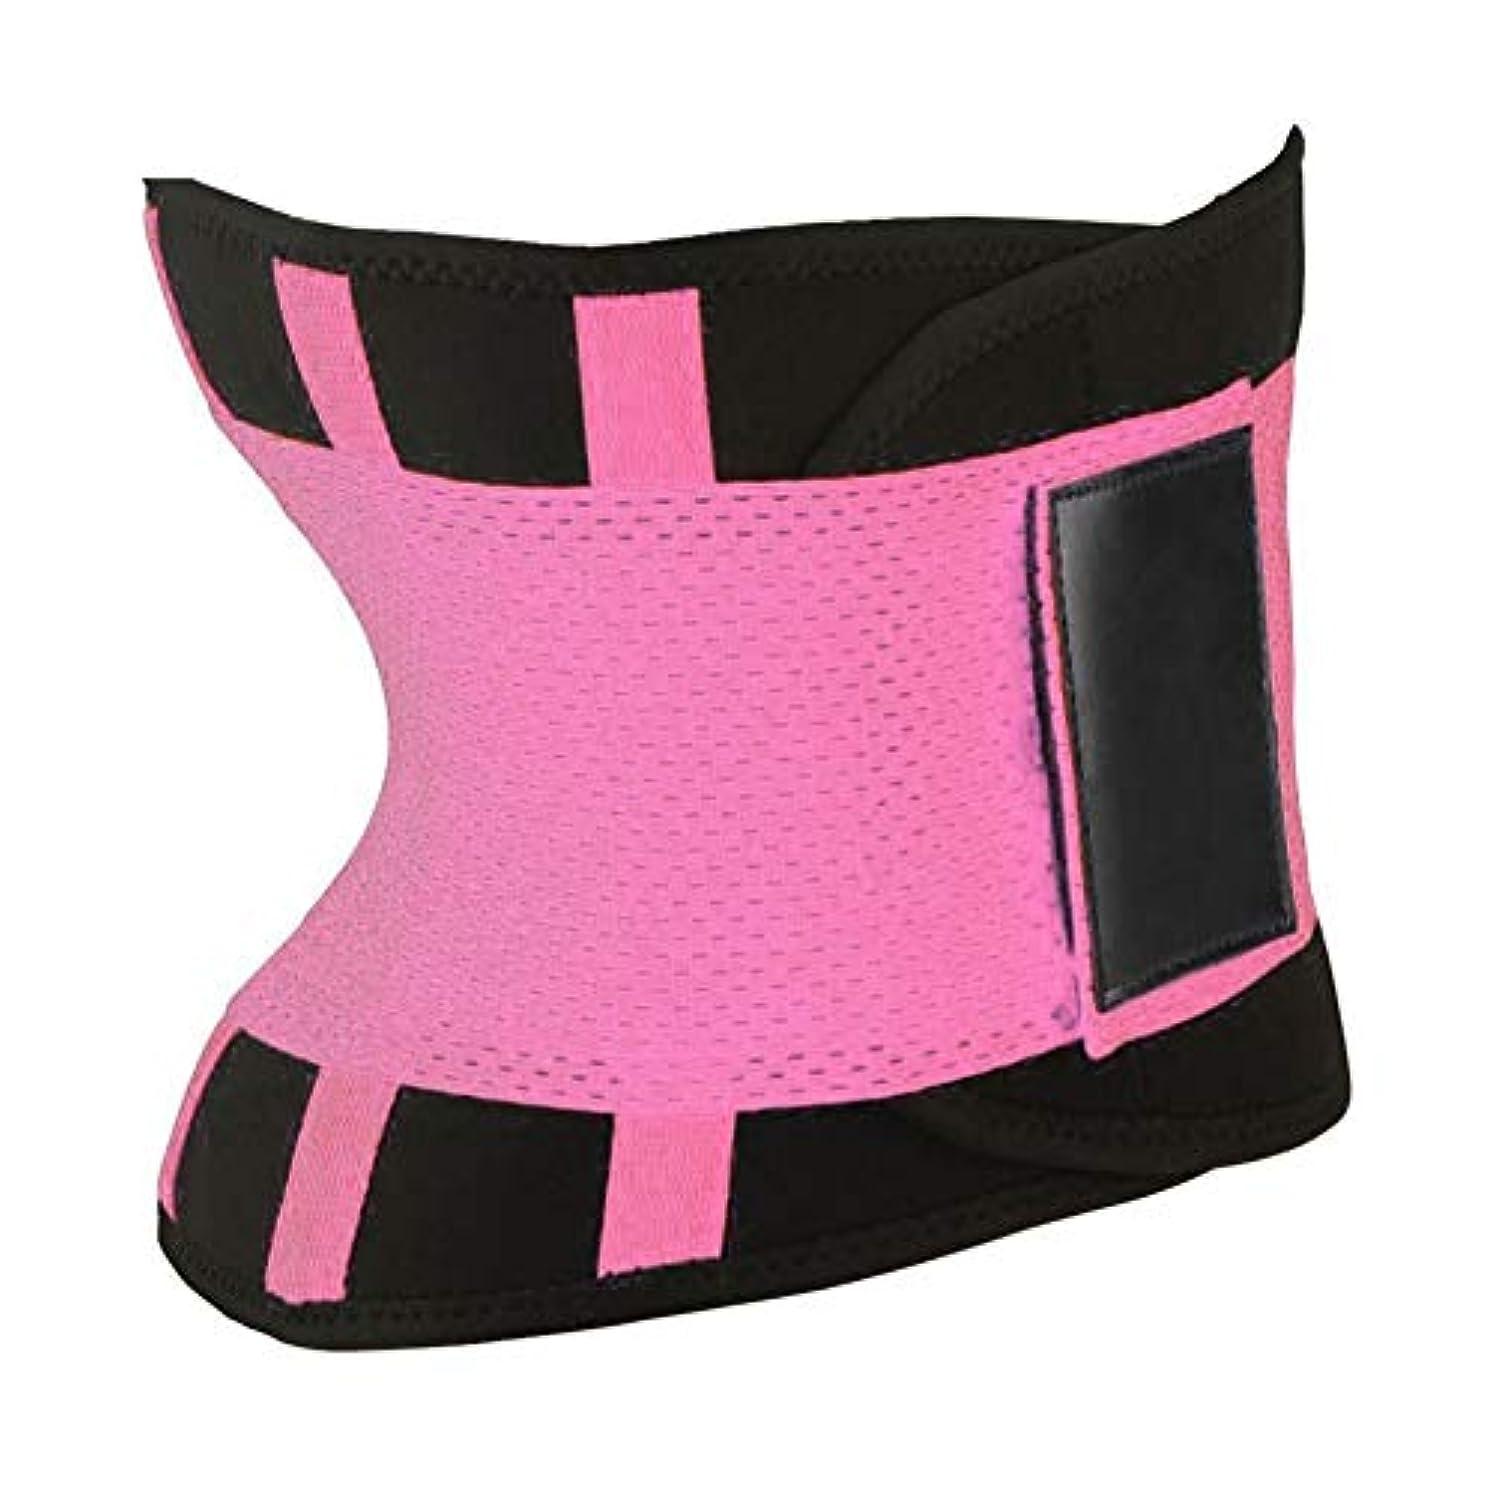 こどもセンターミネラルナチュラ快適な女性ボディシェイパー痩身シェイパーベルトスポーツ女性ウエストトレーナーニッパー制御バーニングボディおなかベルト - ピンク2xl